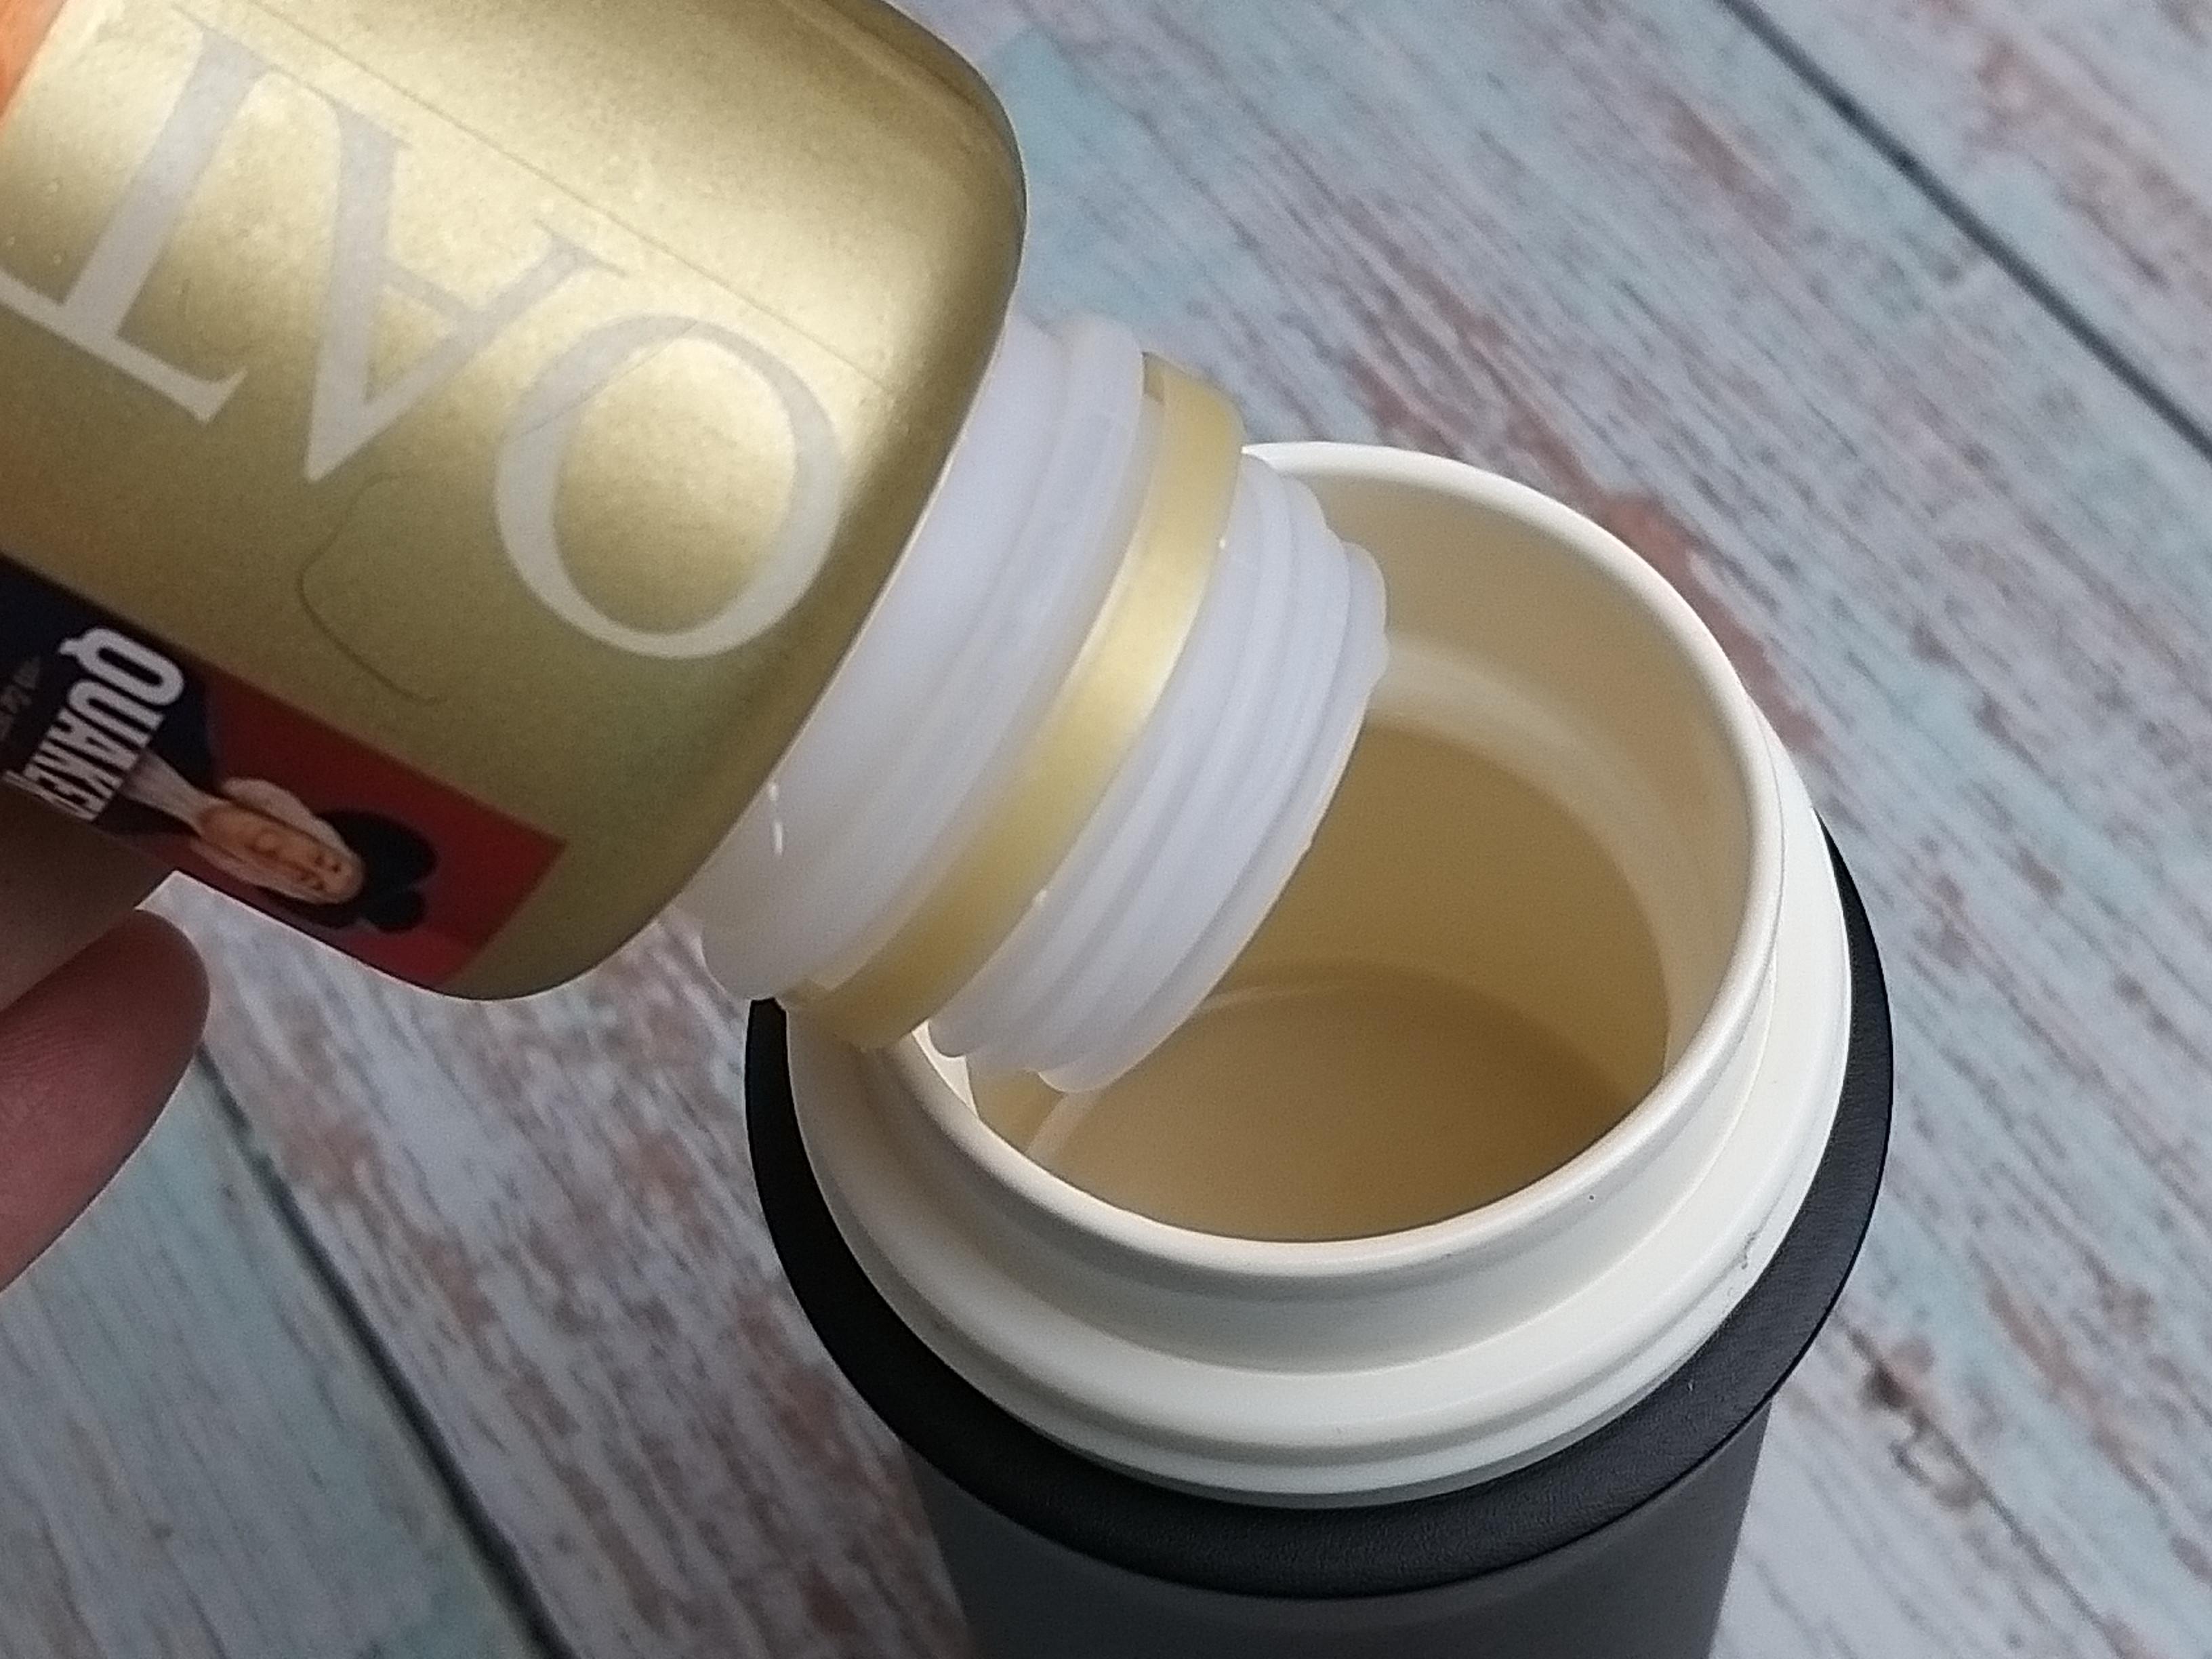 奇享杯體驗活動~時尚輕巧便利的保溫杯奇享杯的第 4 張圖片